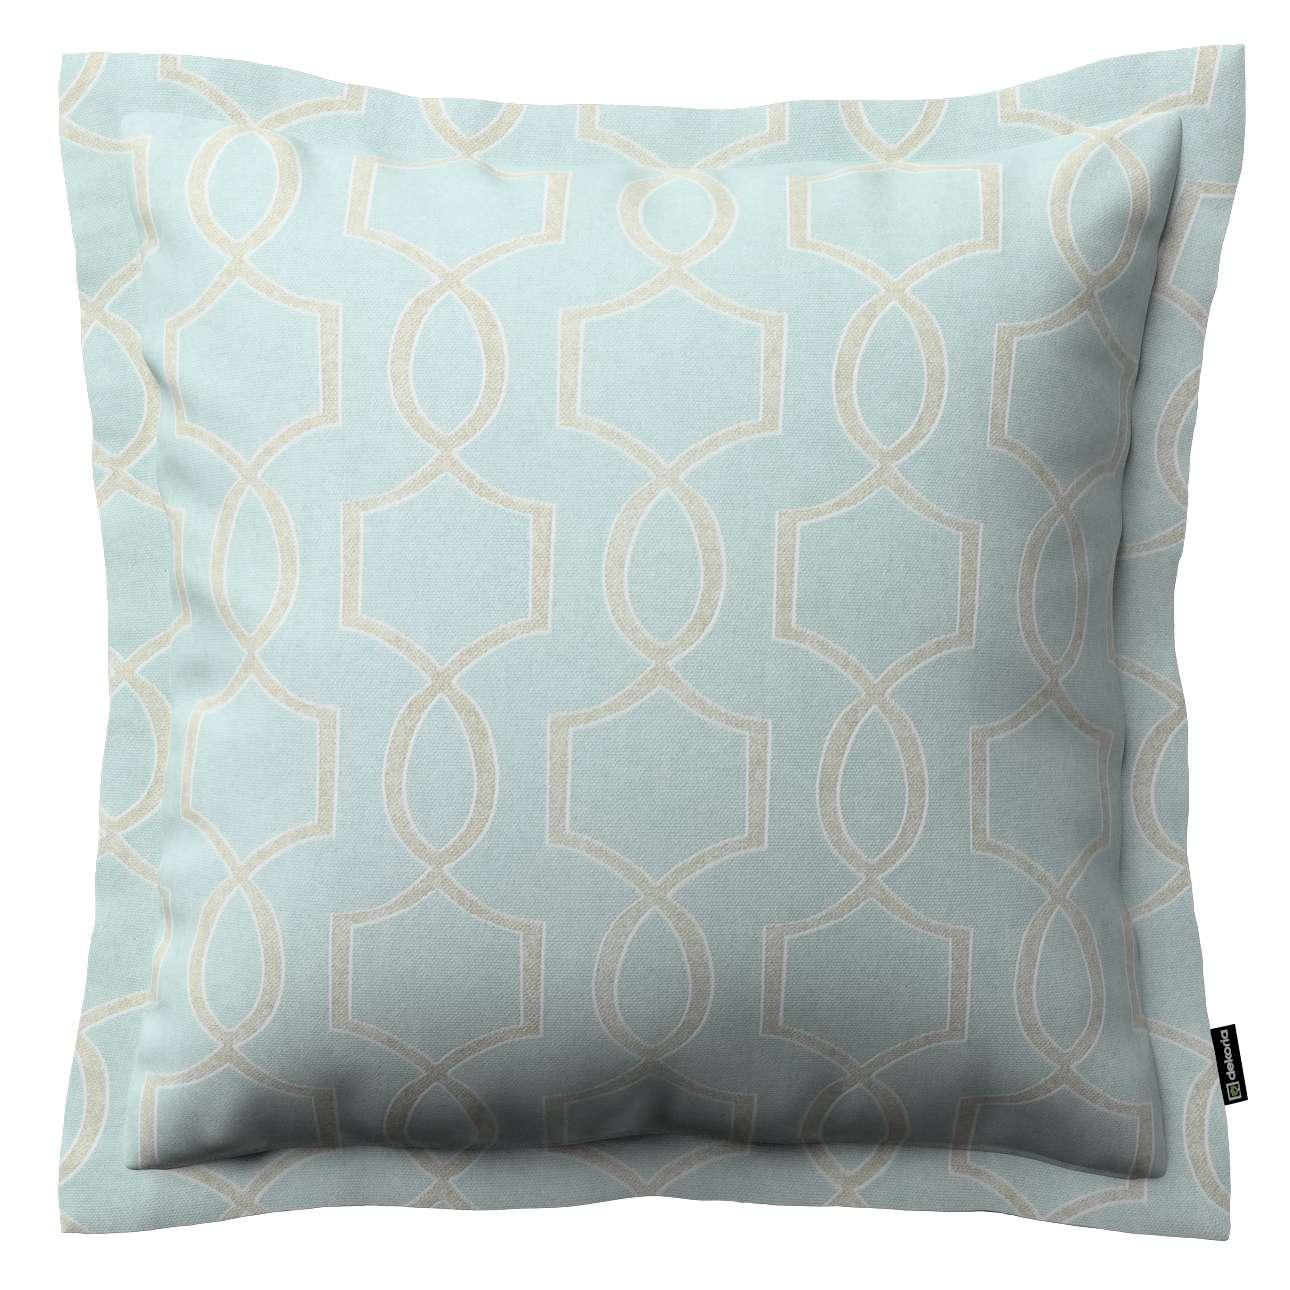 Mona dekoratyvinių pagalvėlių užvalkalas su sienele 45 x 45cm kolekcijoje Comics Prints, audinys: 141-24